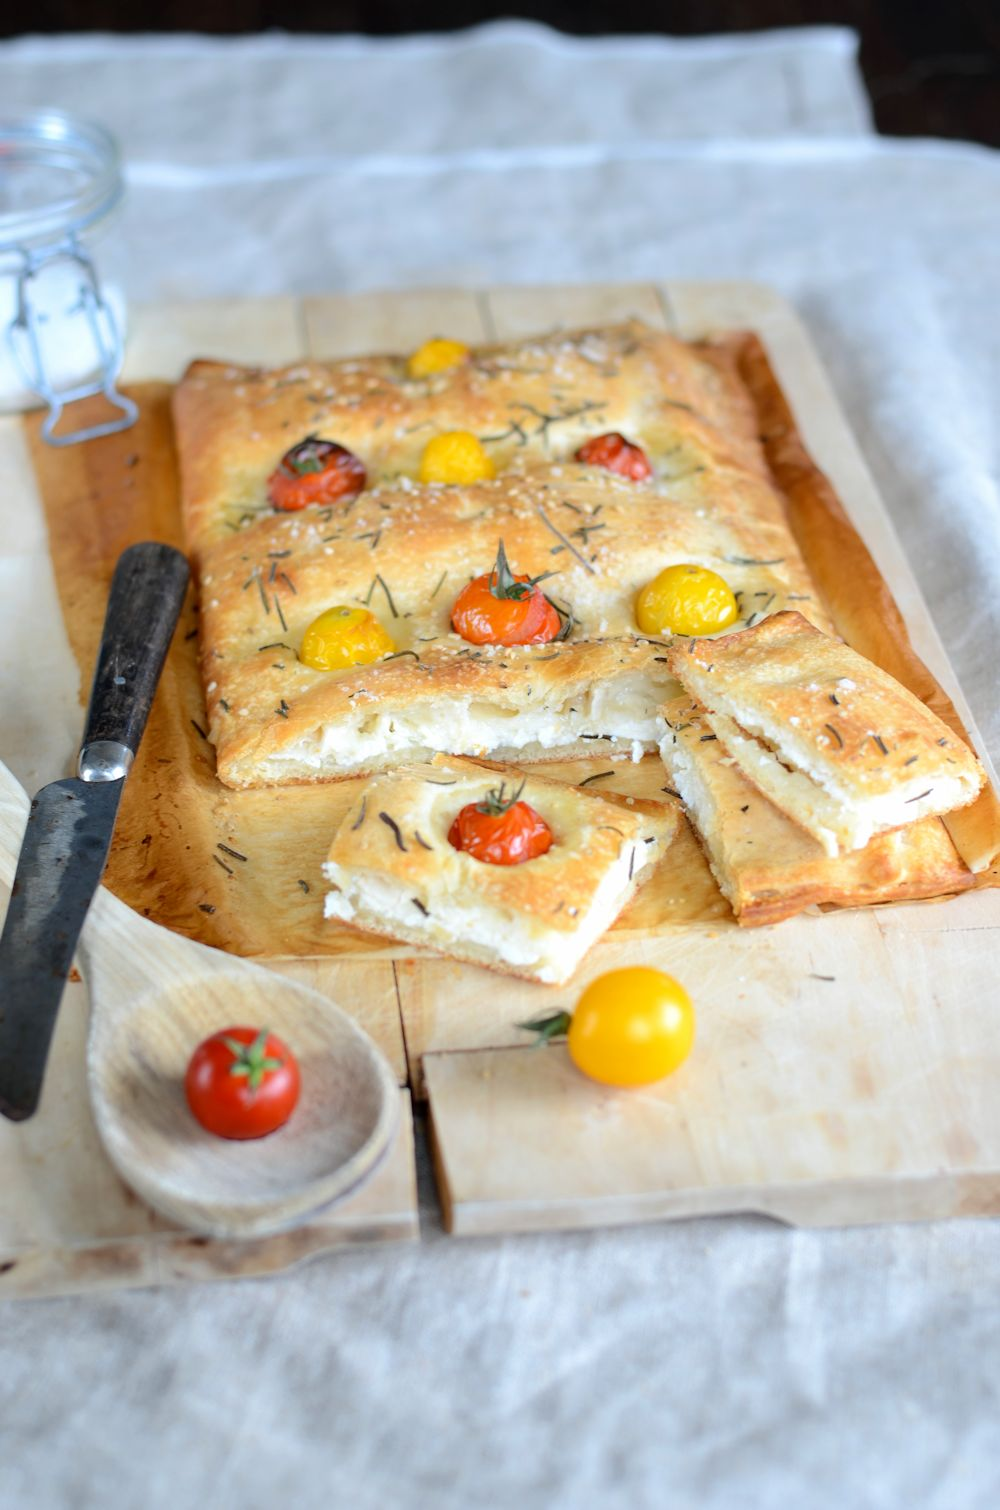 fougasse maison aux tomates cerises fromage de ch vre et ricotta. Black Bedroom Furniture Sets. Home Design Ideas